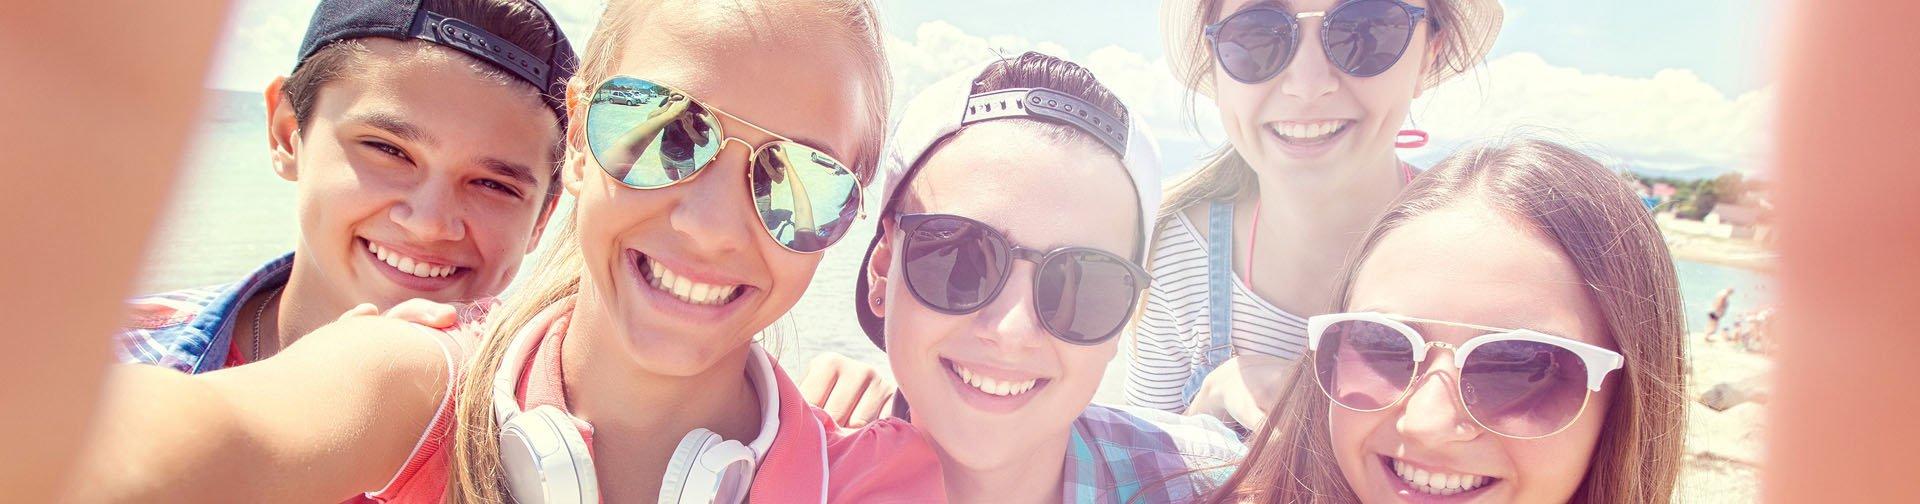 Op vakantie met tieners